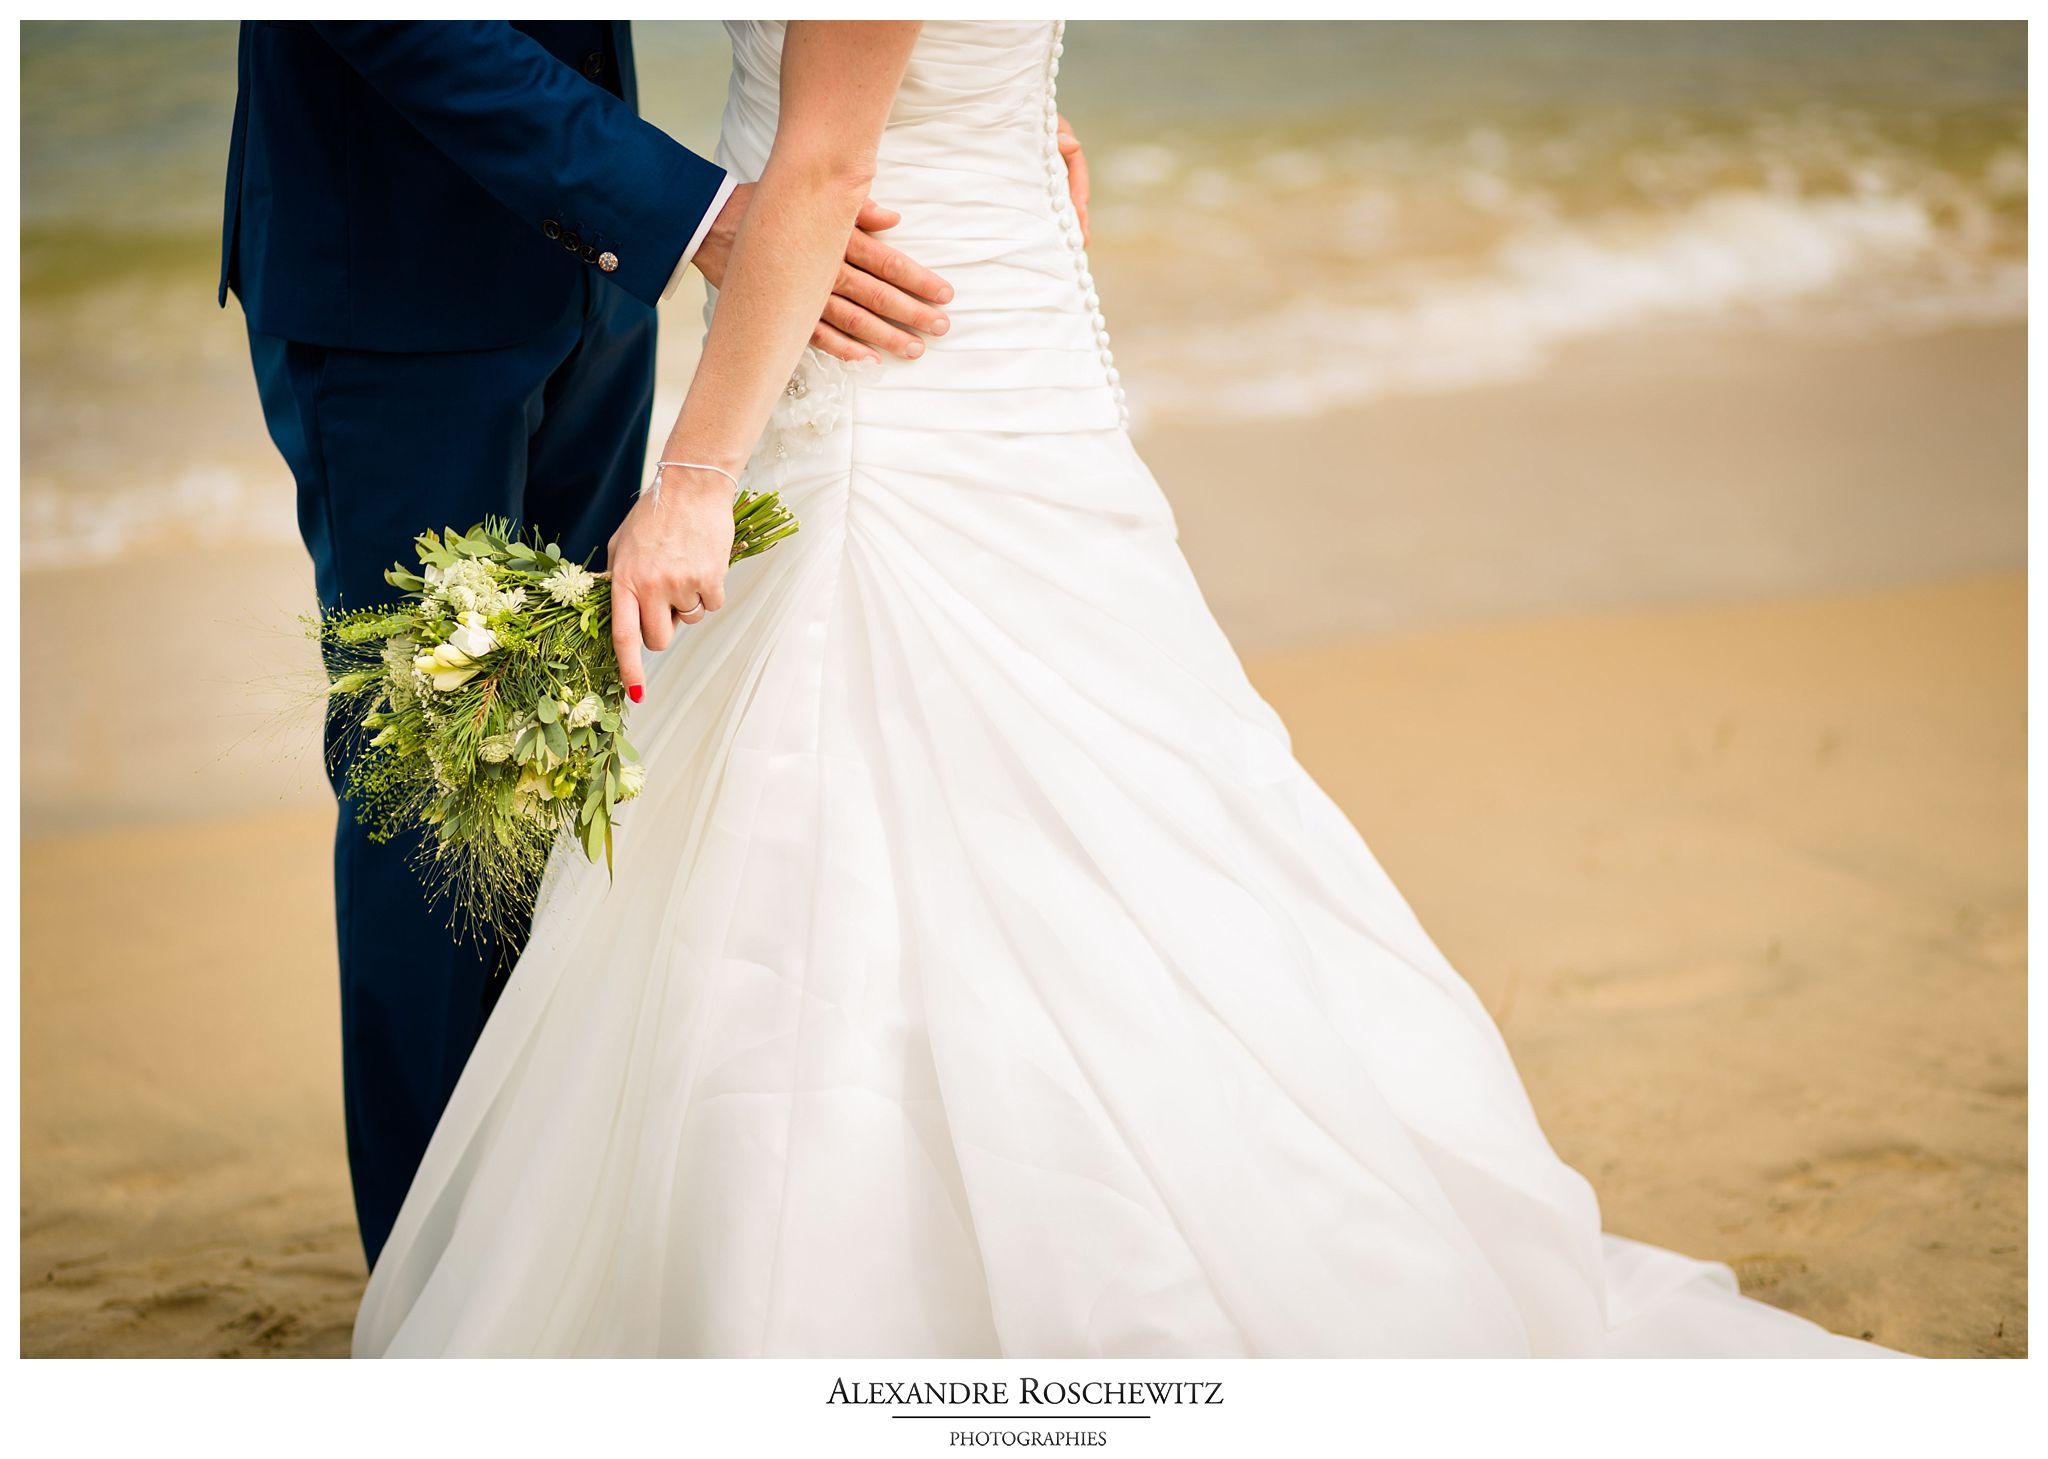 Les photos du mariage de Christine et Frédéric au Cap Ferret puis au Domaine de Cordet à Arsac. Alexandre Roschewitz Photographies